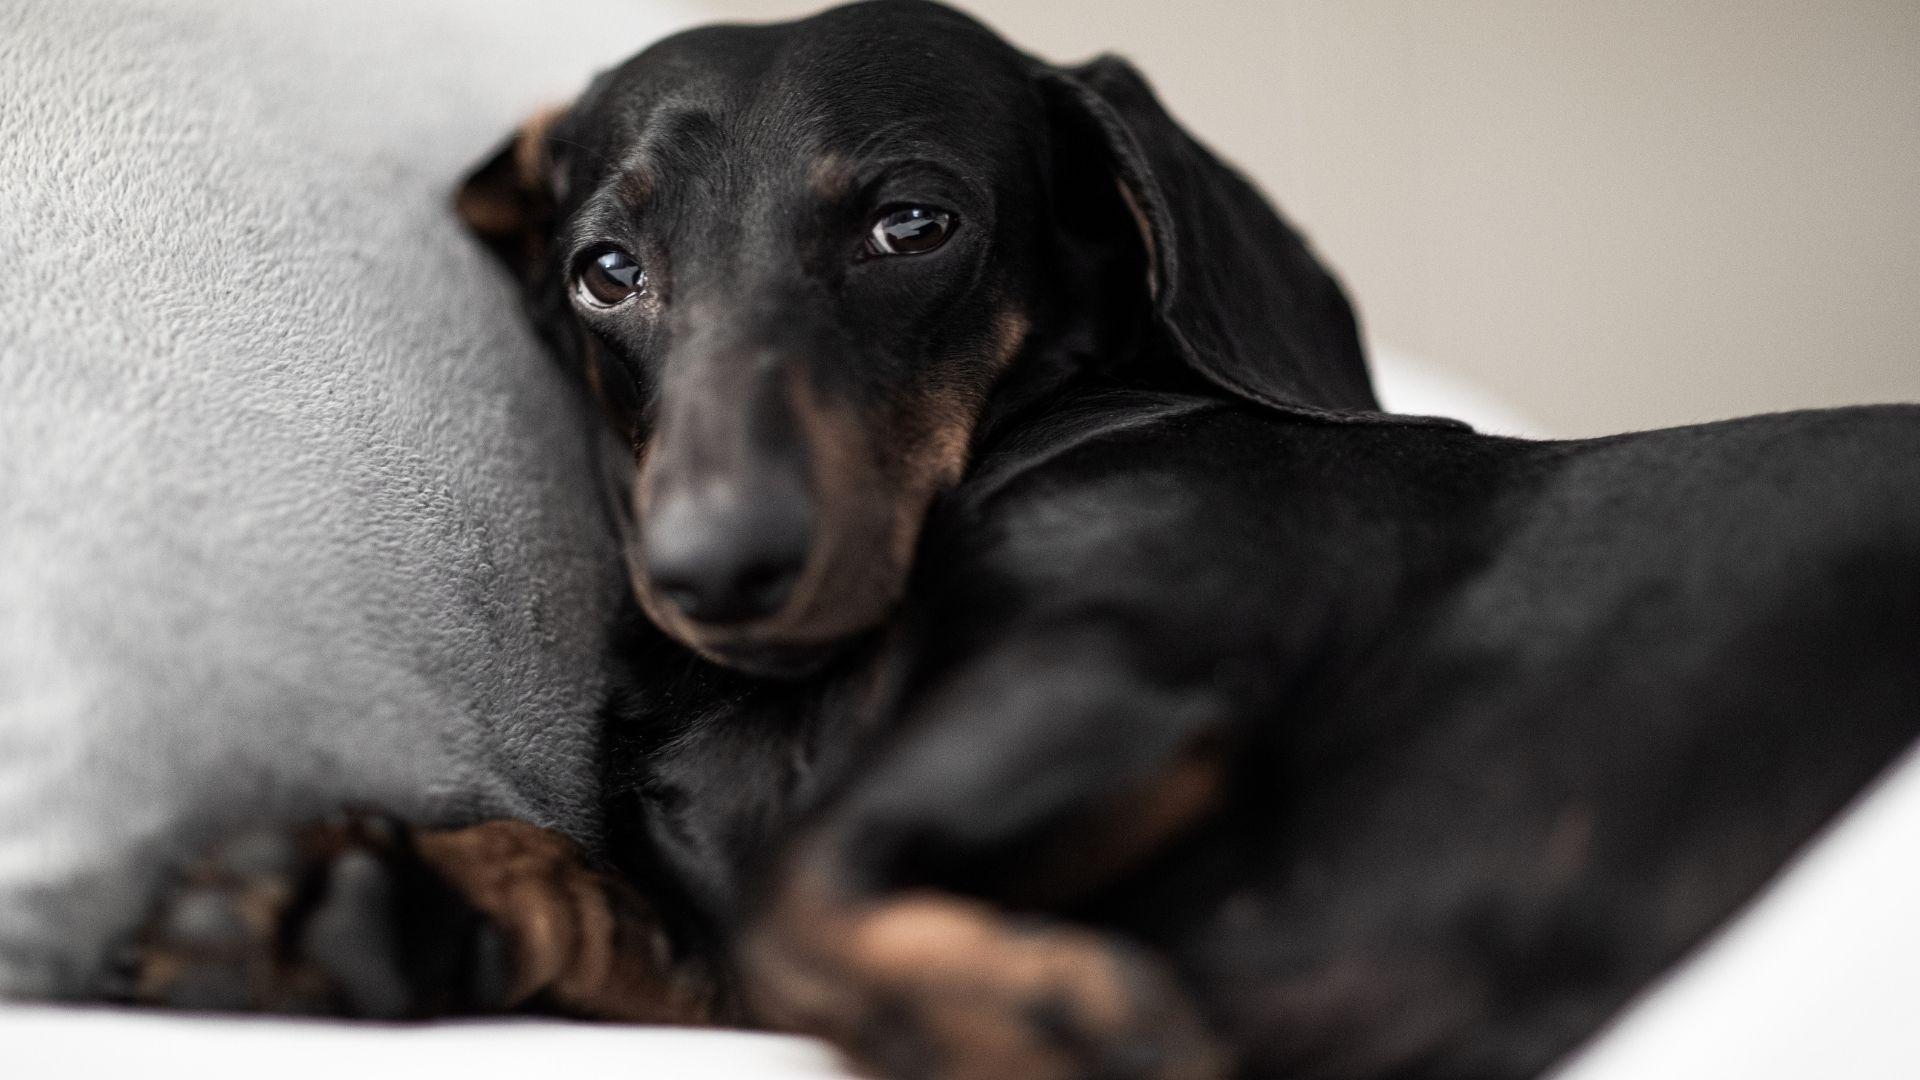 ibuprofen for dog pain